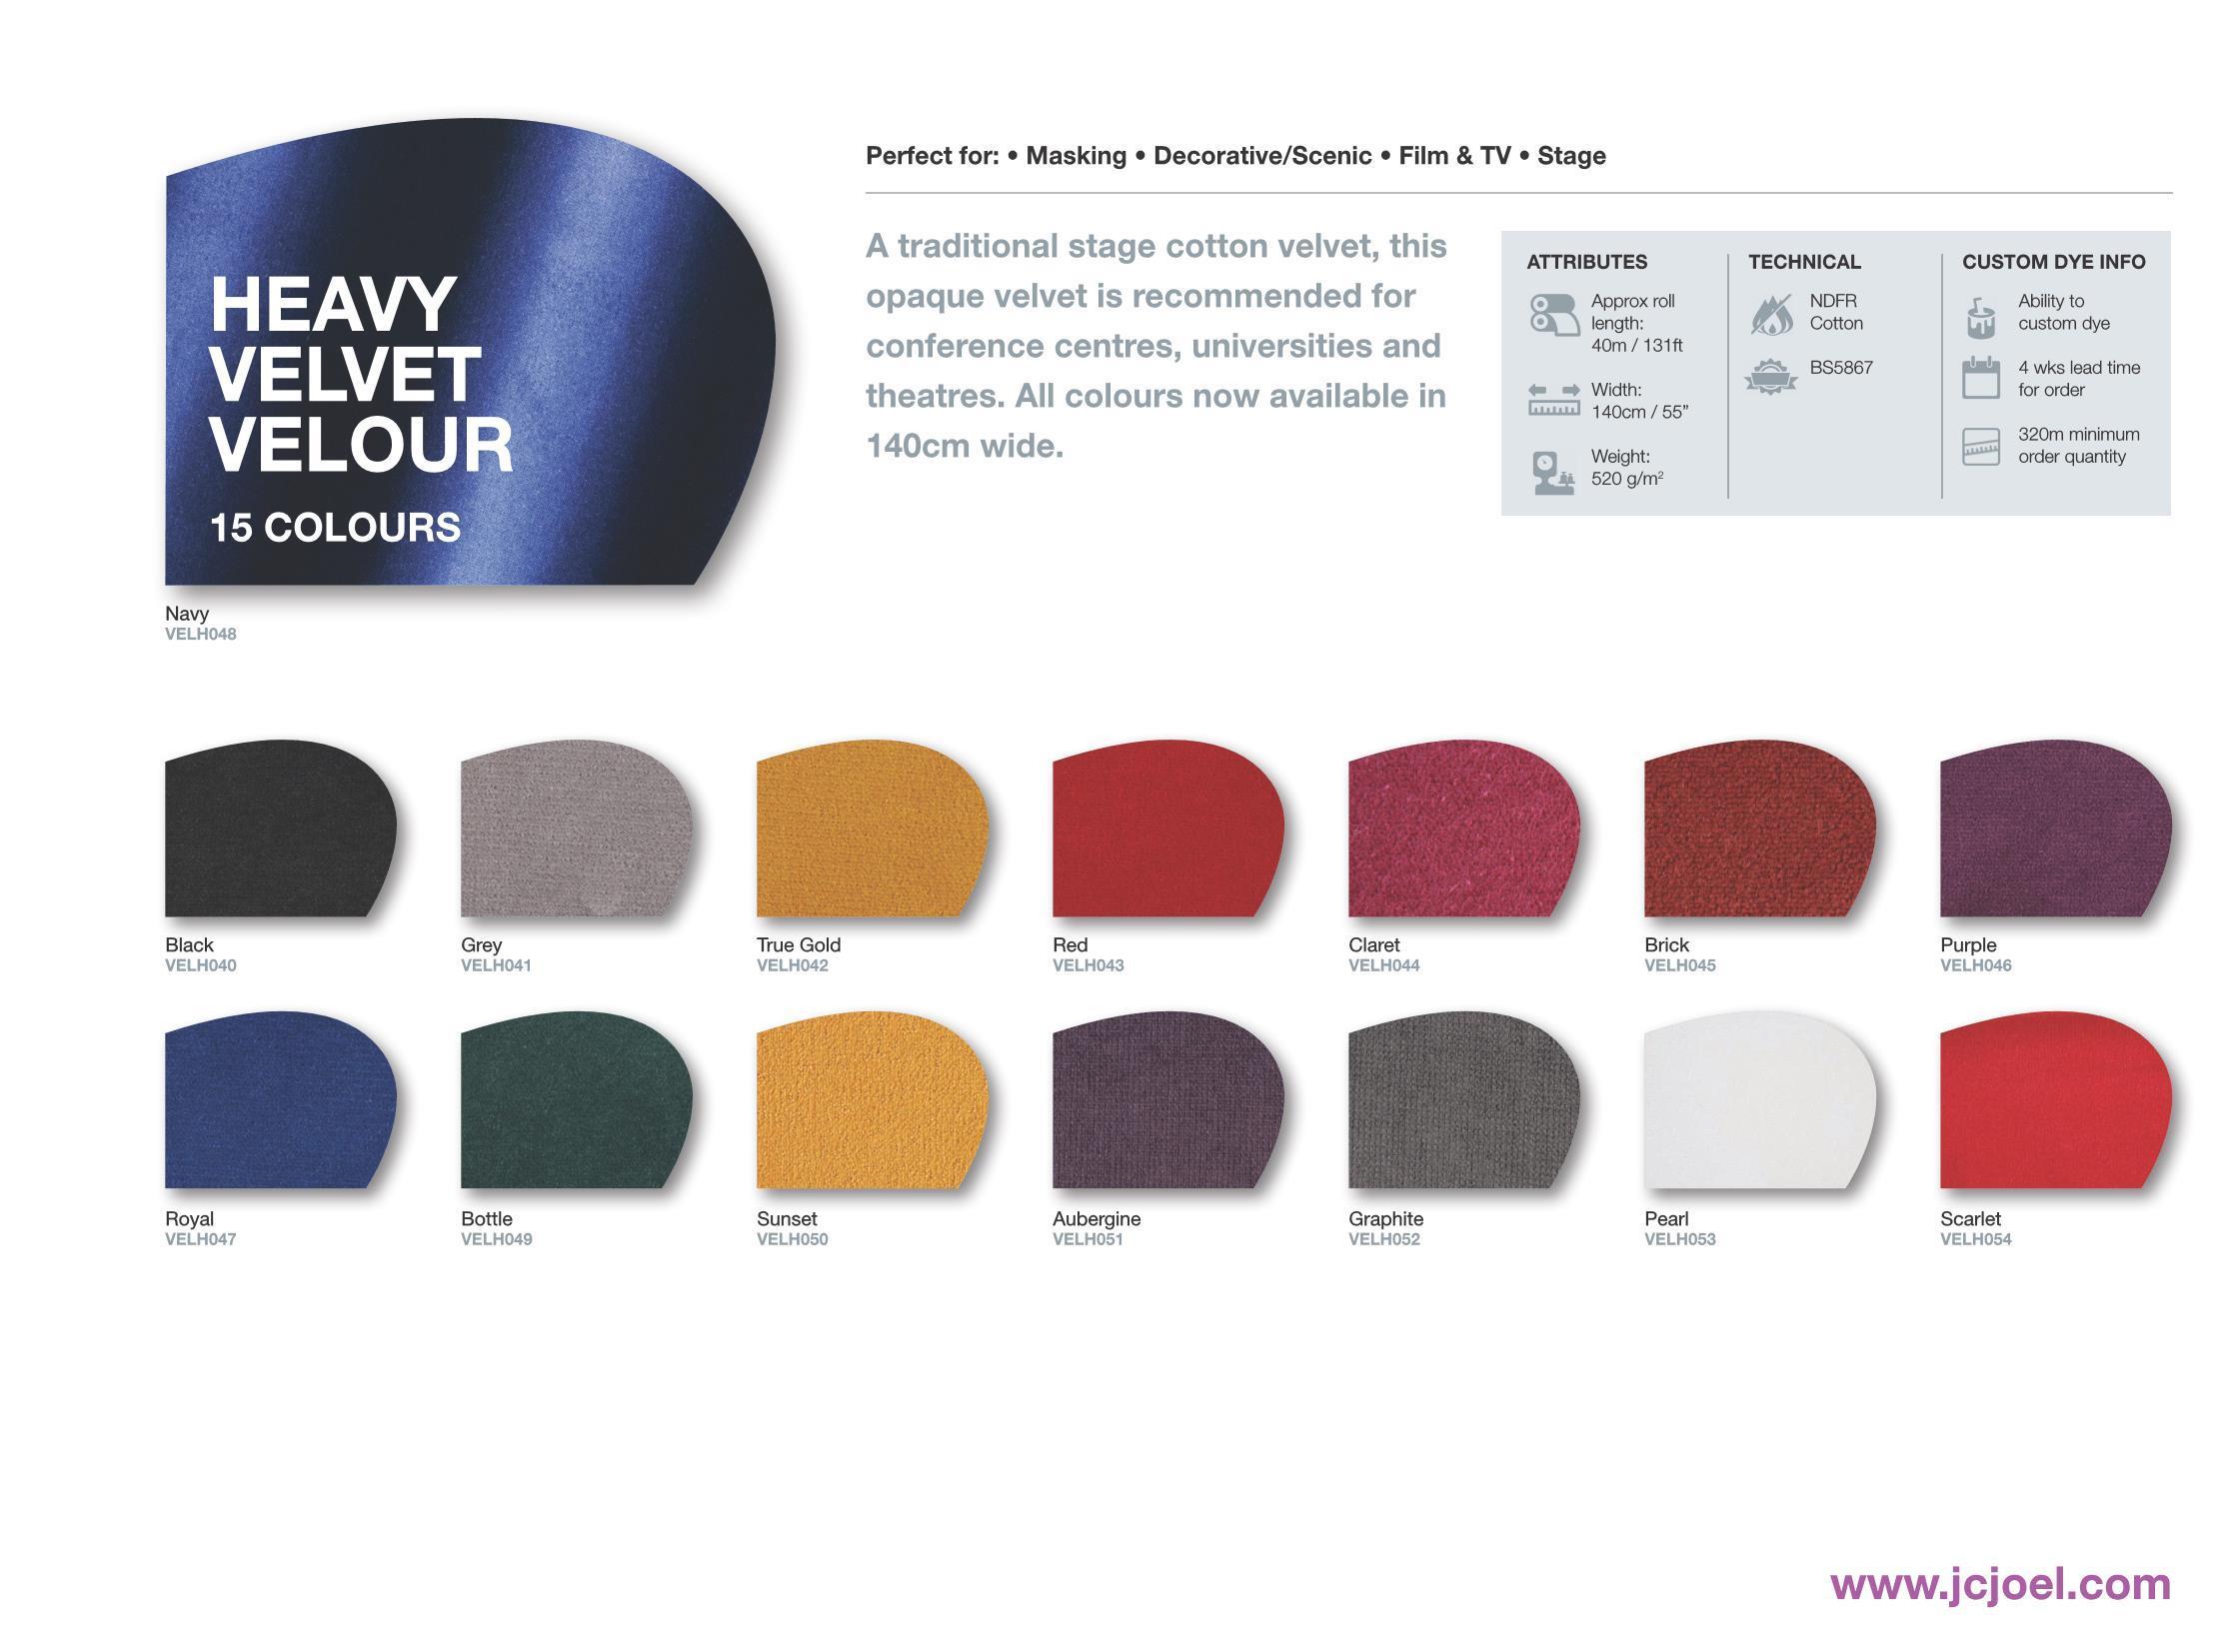 PDF. Heavy velvet velour